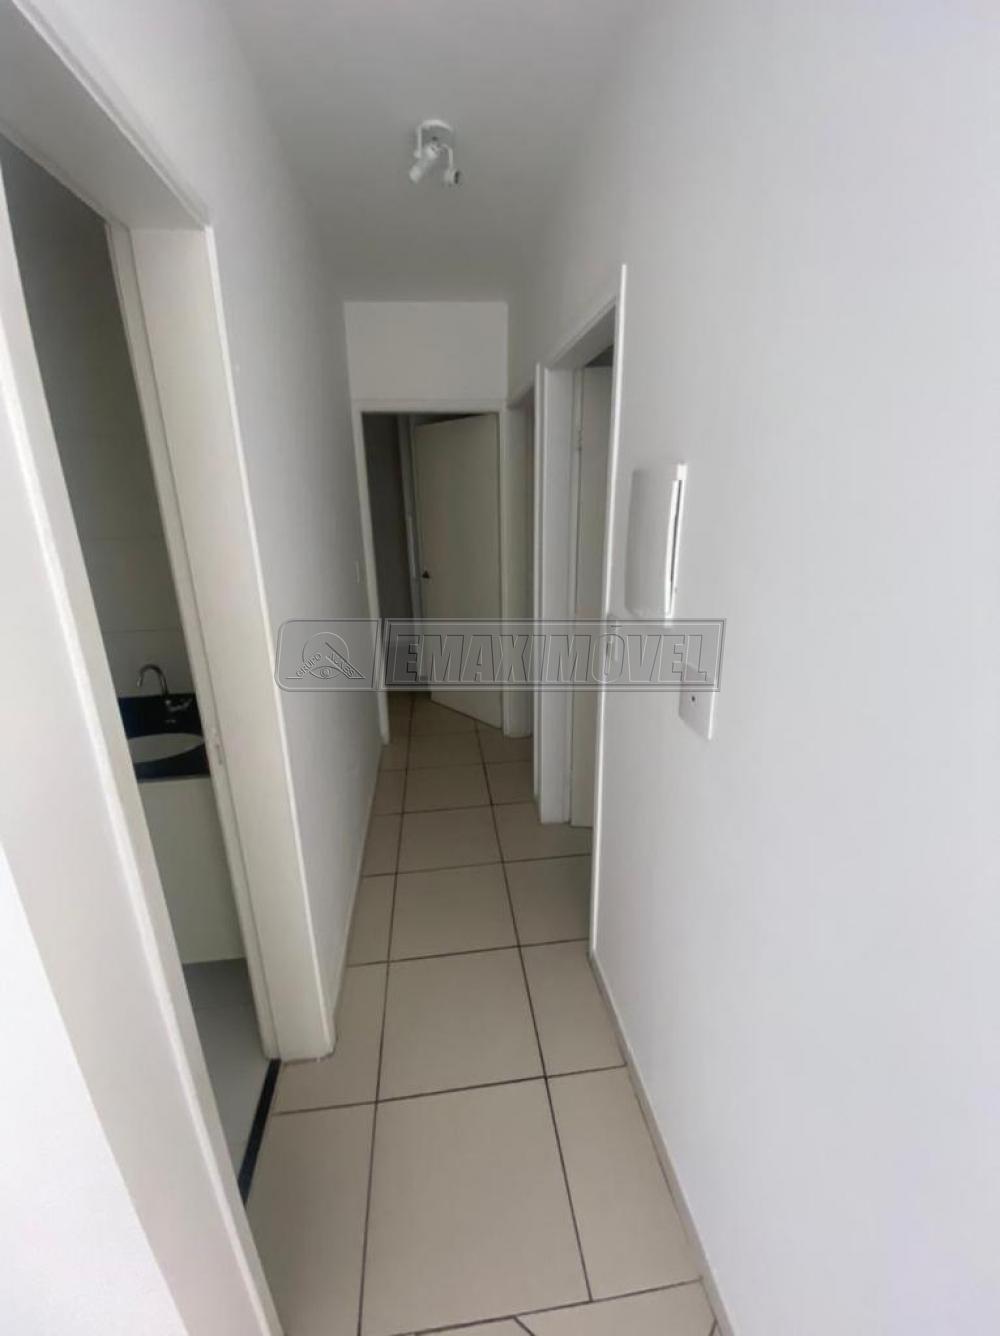 Alugar Casa / em Condomínios em Votorantim R$ 1.200,00 - Foto 5